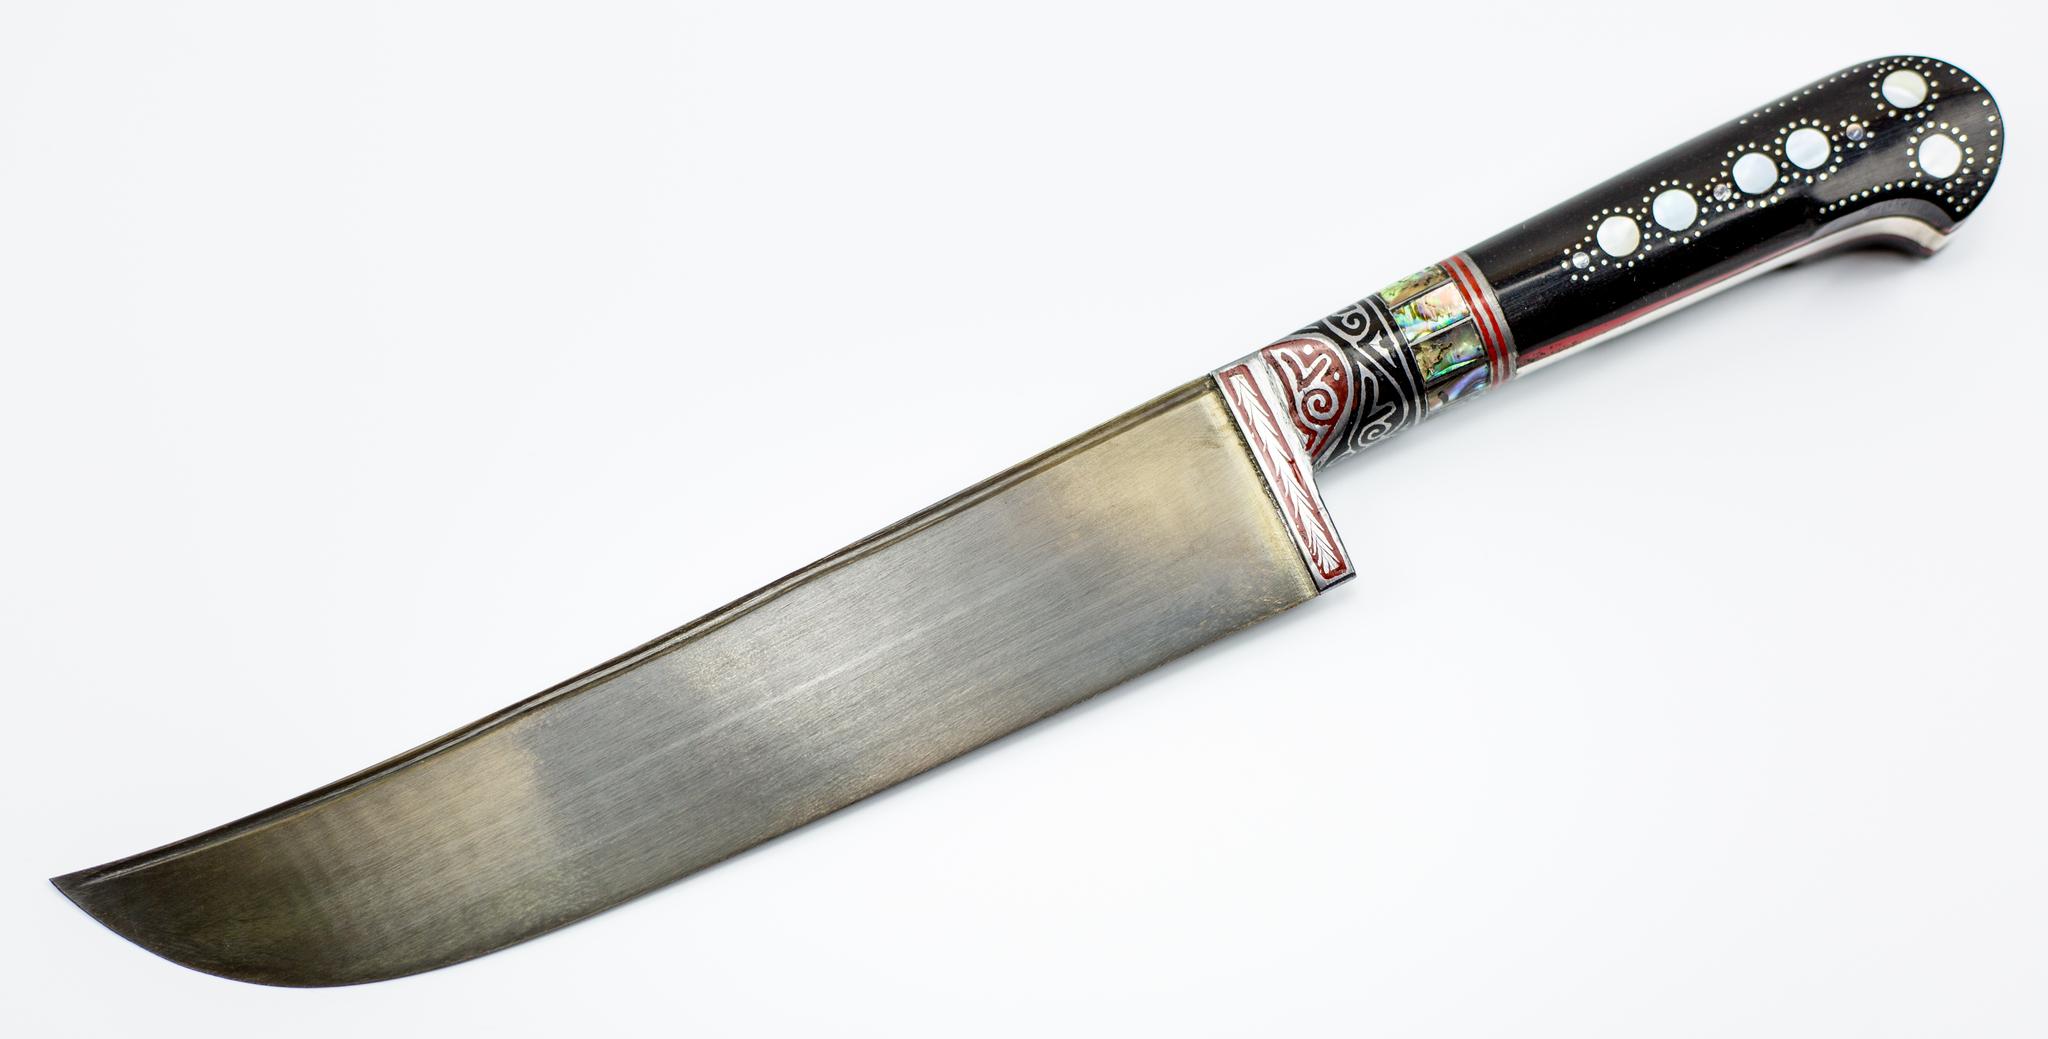 Пчак Ерма с садафом , ручка эбонитУзбекские ножи Пчак<br>Узбекский универсальный нож Пчак.<br>